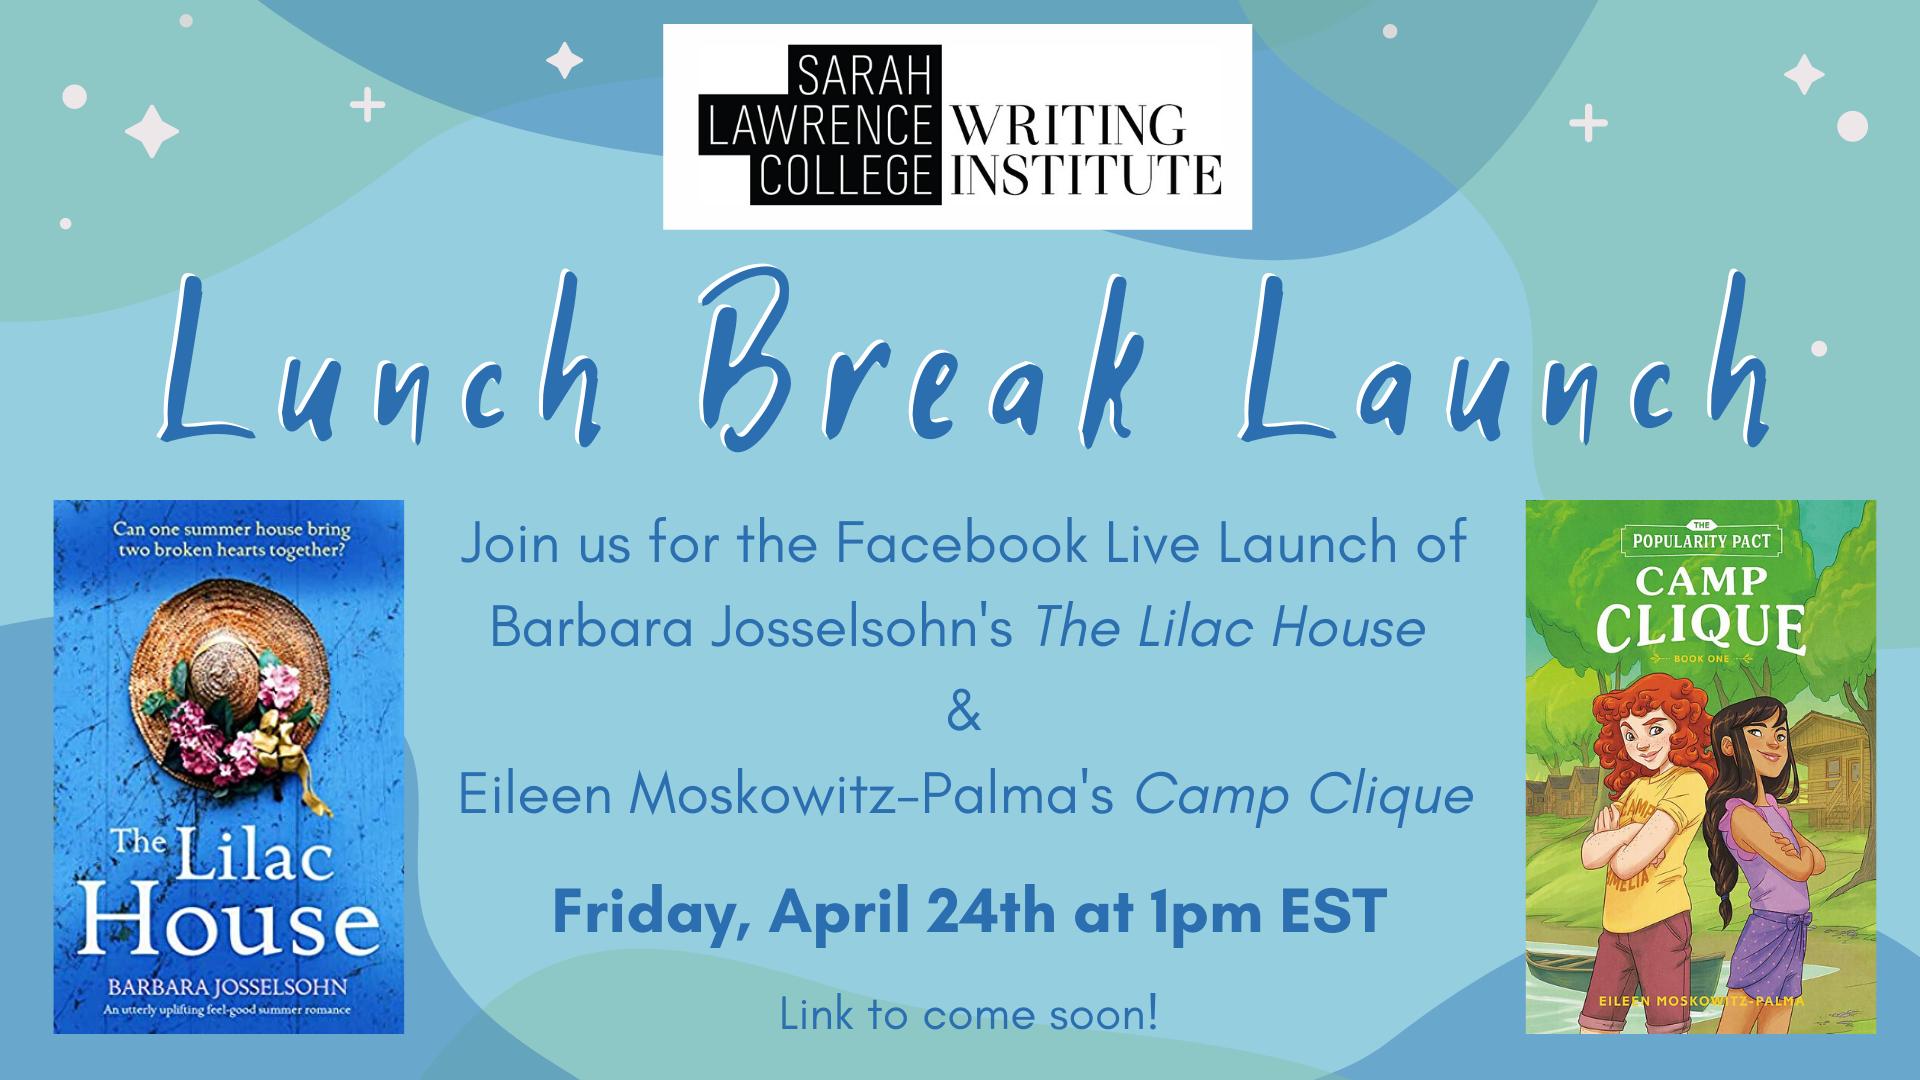 lunch break launch flyer for Eileen Palma and Barbara Josselsohn